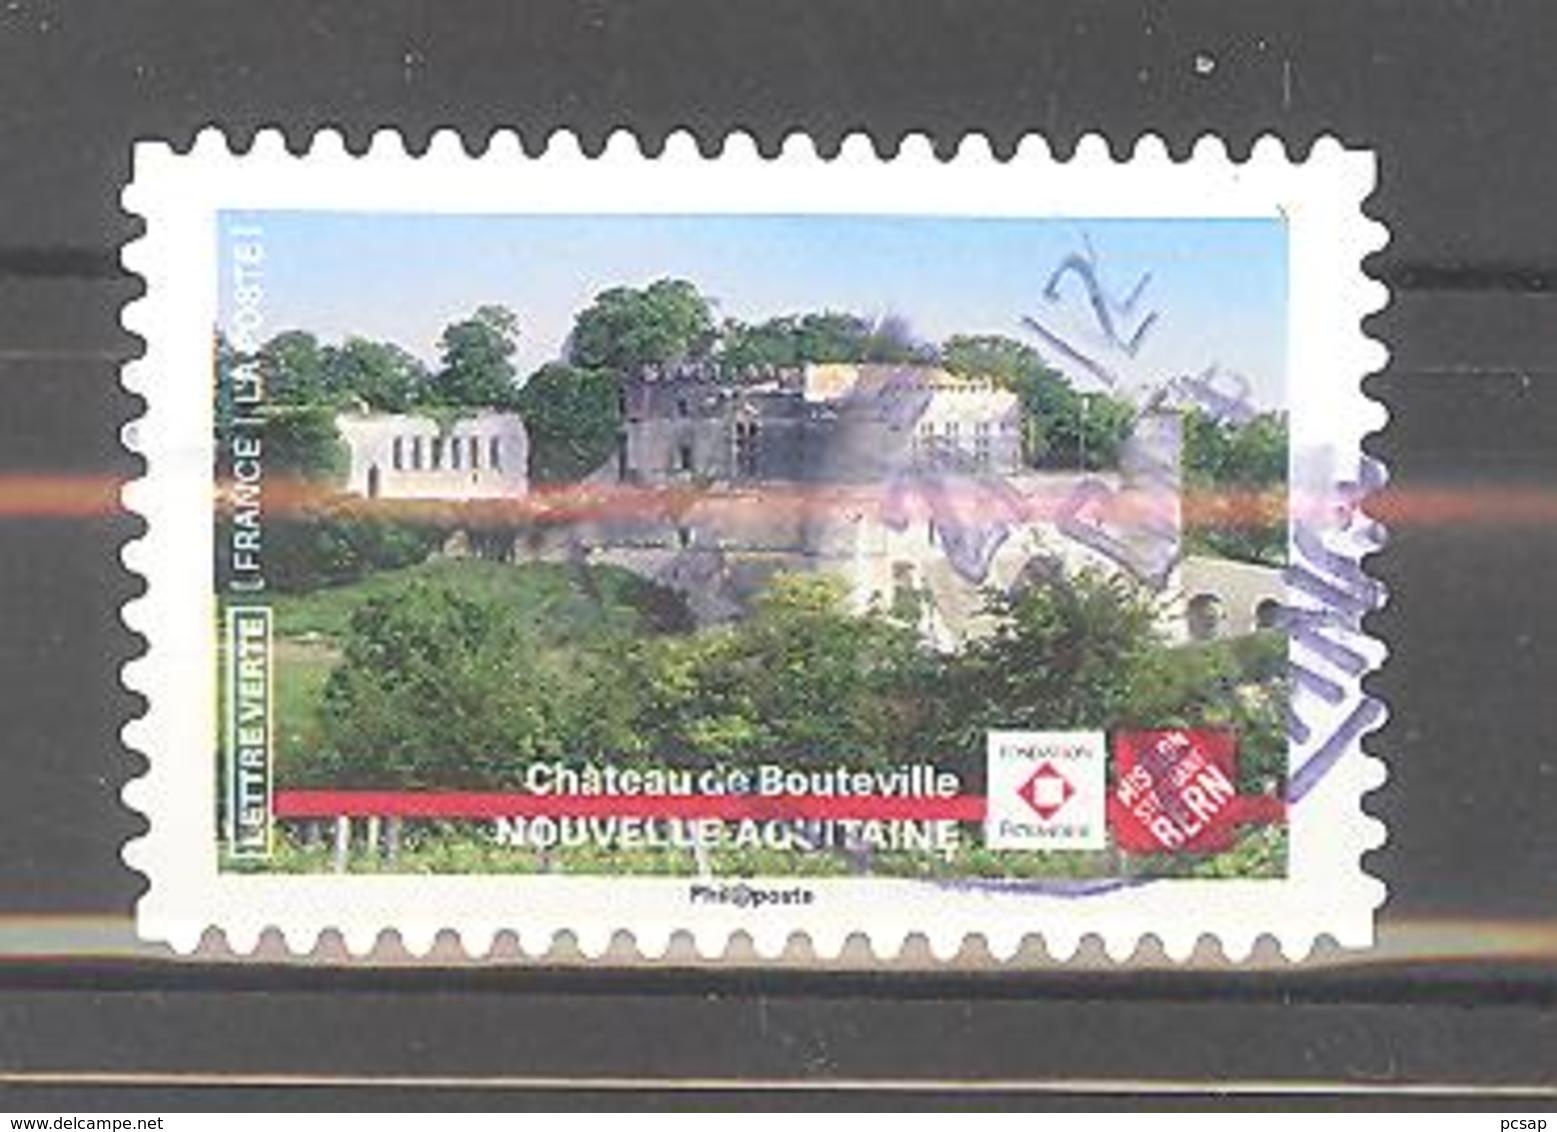 France Autoadhésif Oblitéré (Ensemble Sauvons Notre Patrimoine : Château De Bouteville) (cachet Rond) - France